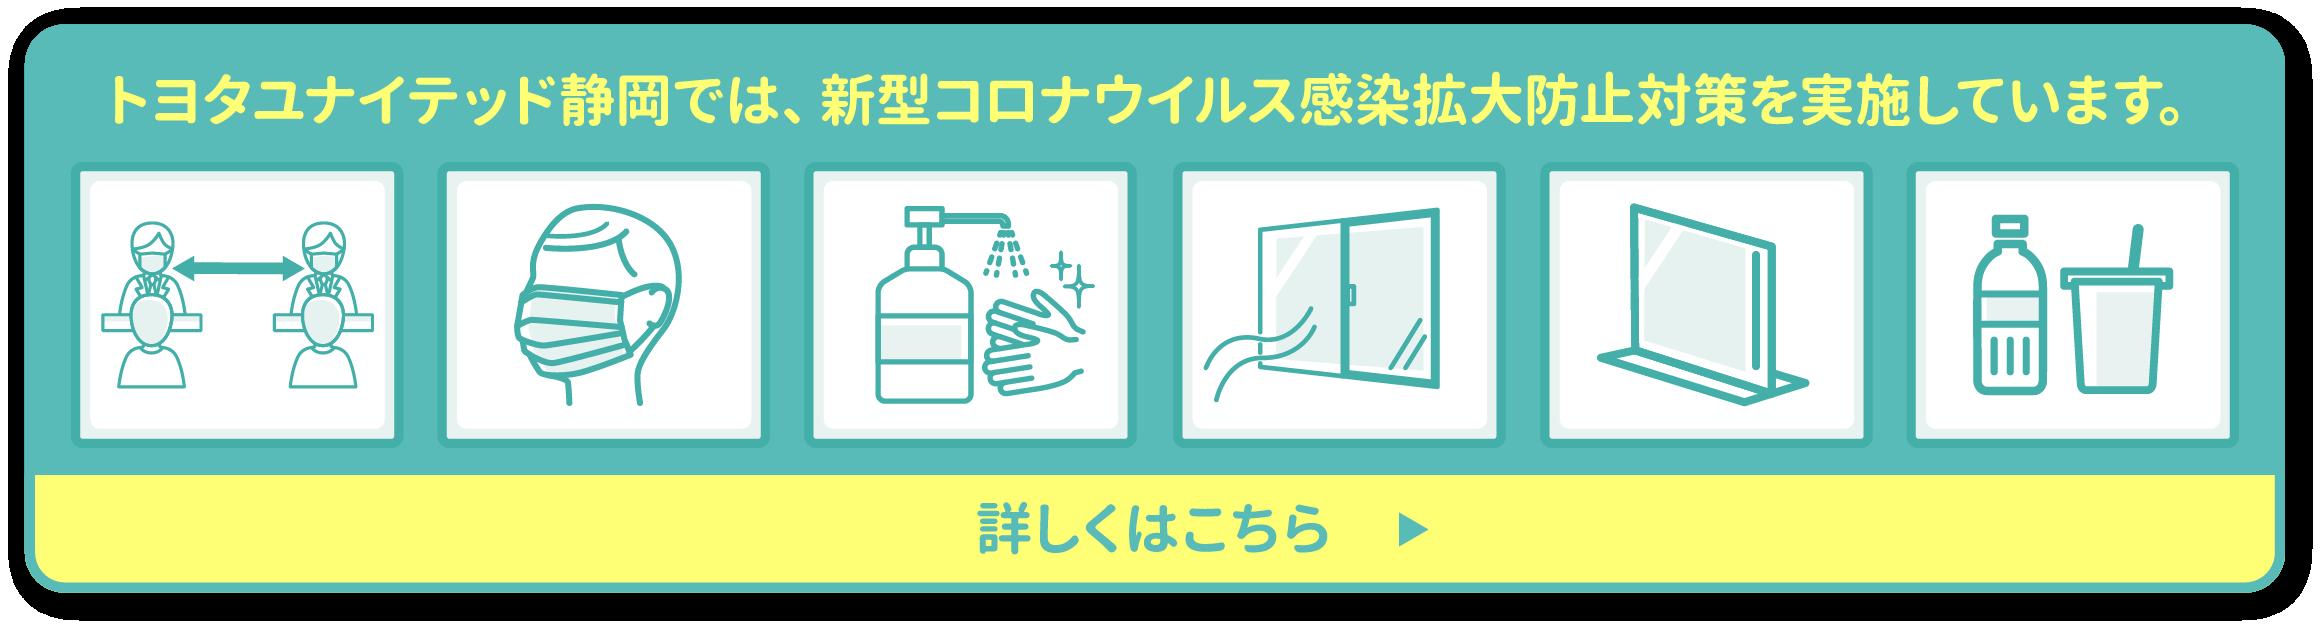 詳しくはこちらトヨタユナテッド静岡では、新型コロナウイルス感染拡大防止対策を実施しています。